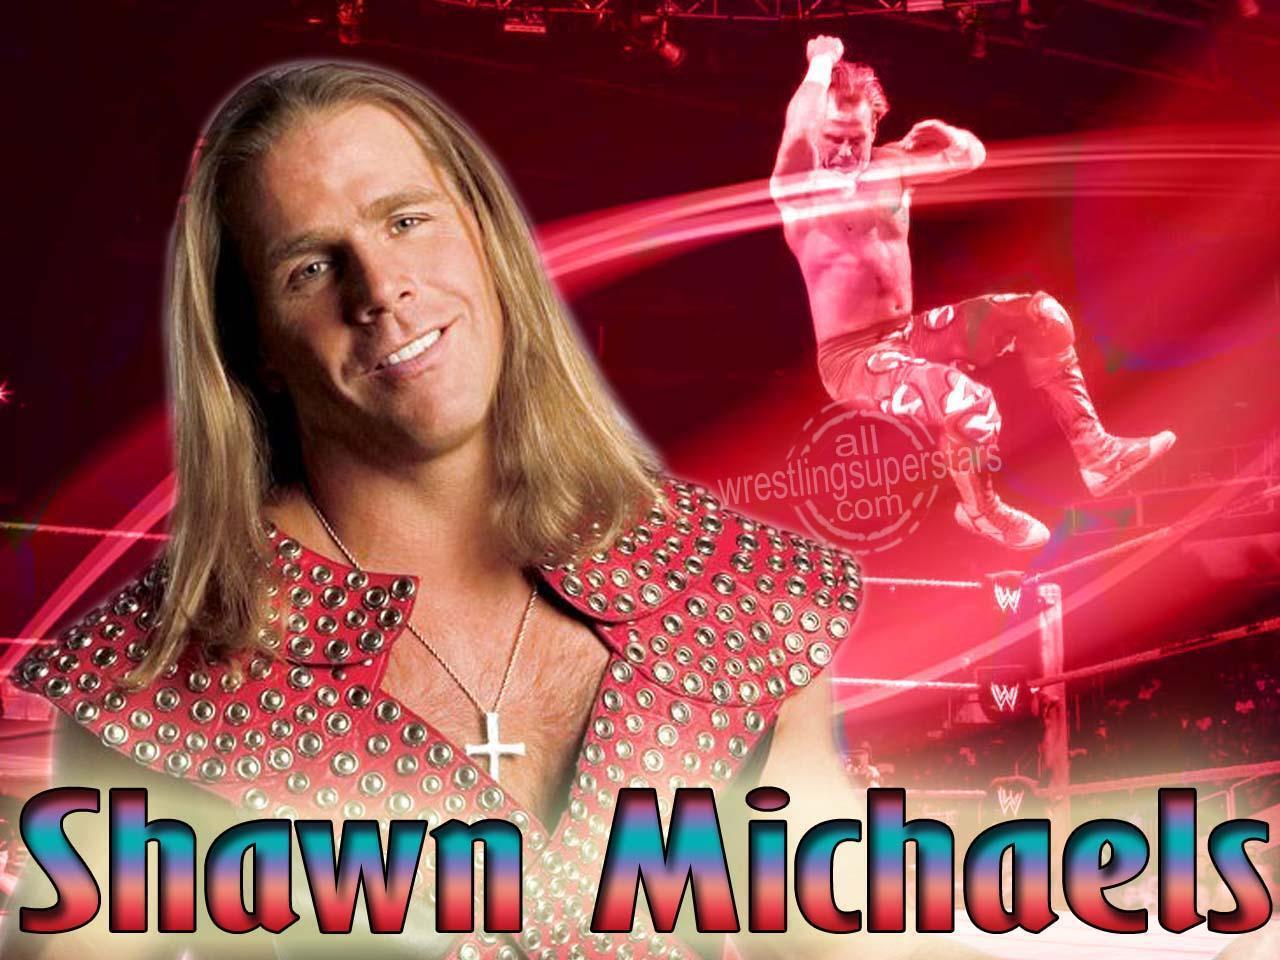 Shawn Michaels HBK 1280x960